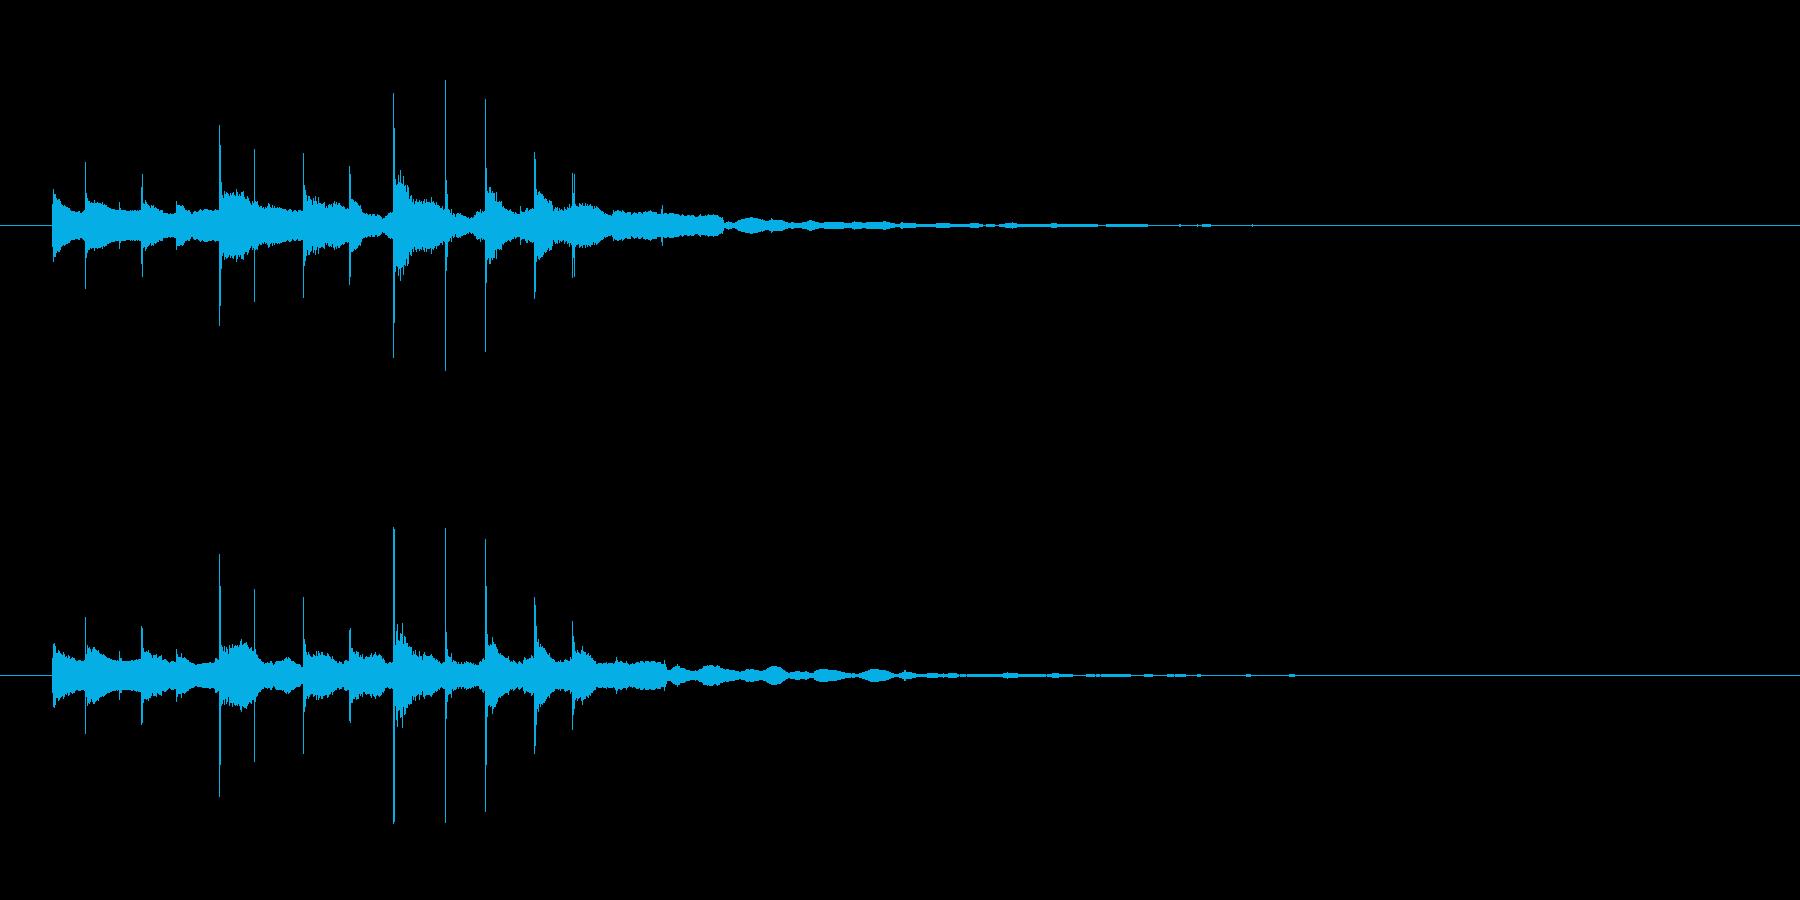 素材 グロッケンシュピールスパーク...の再生済みの波形